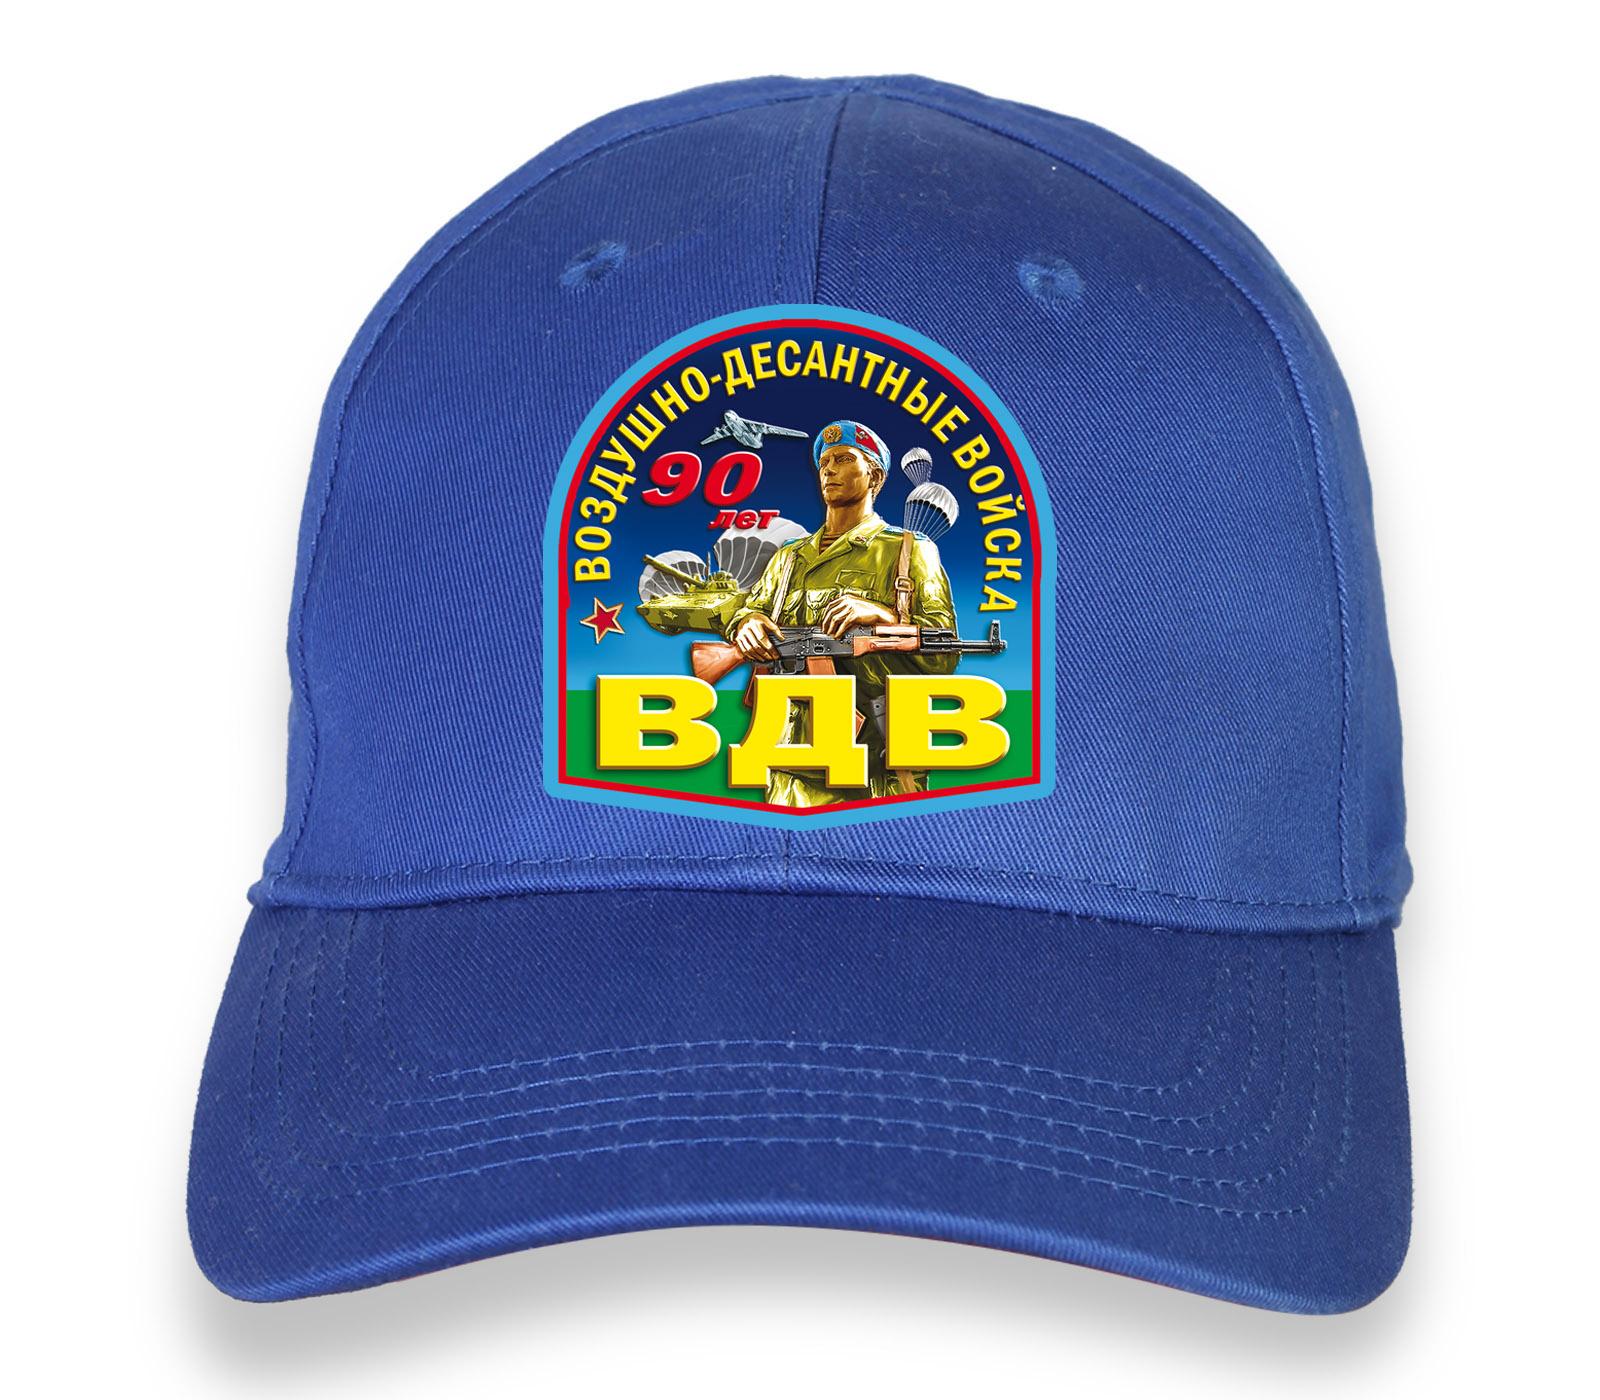 Купить крутую синюю бейсболку с термотрансфером 90 лет ВДВ оптом или в розницу